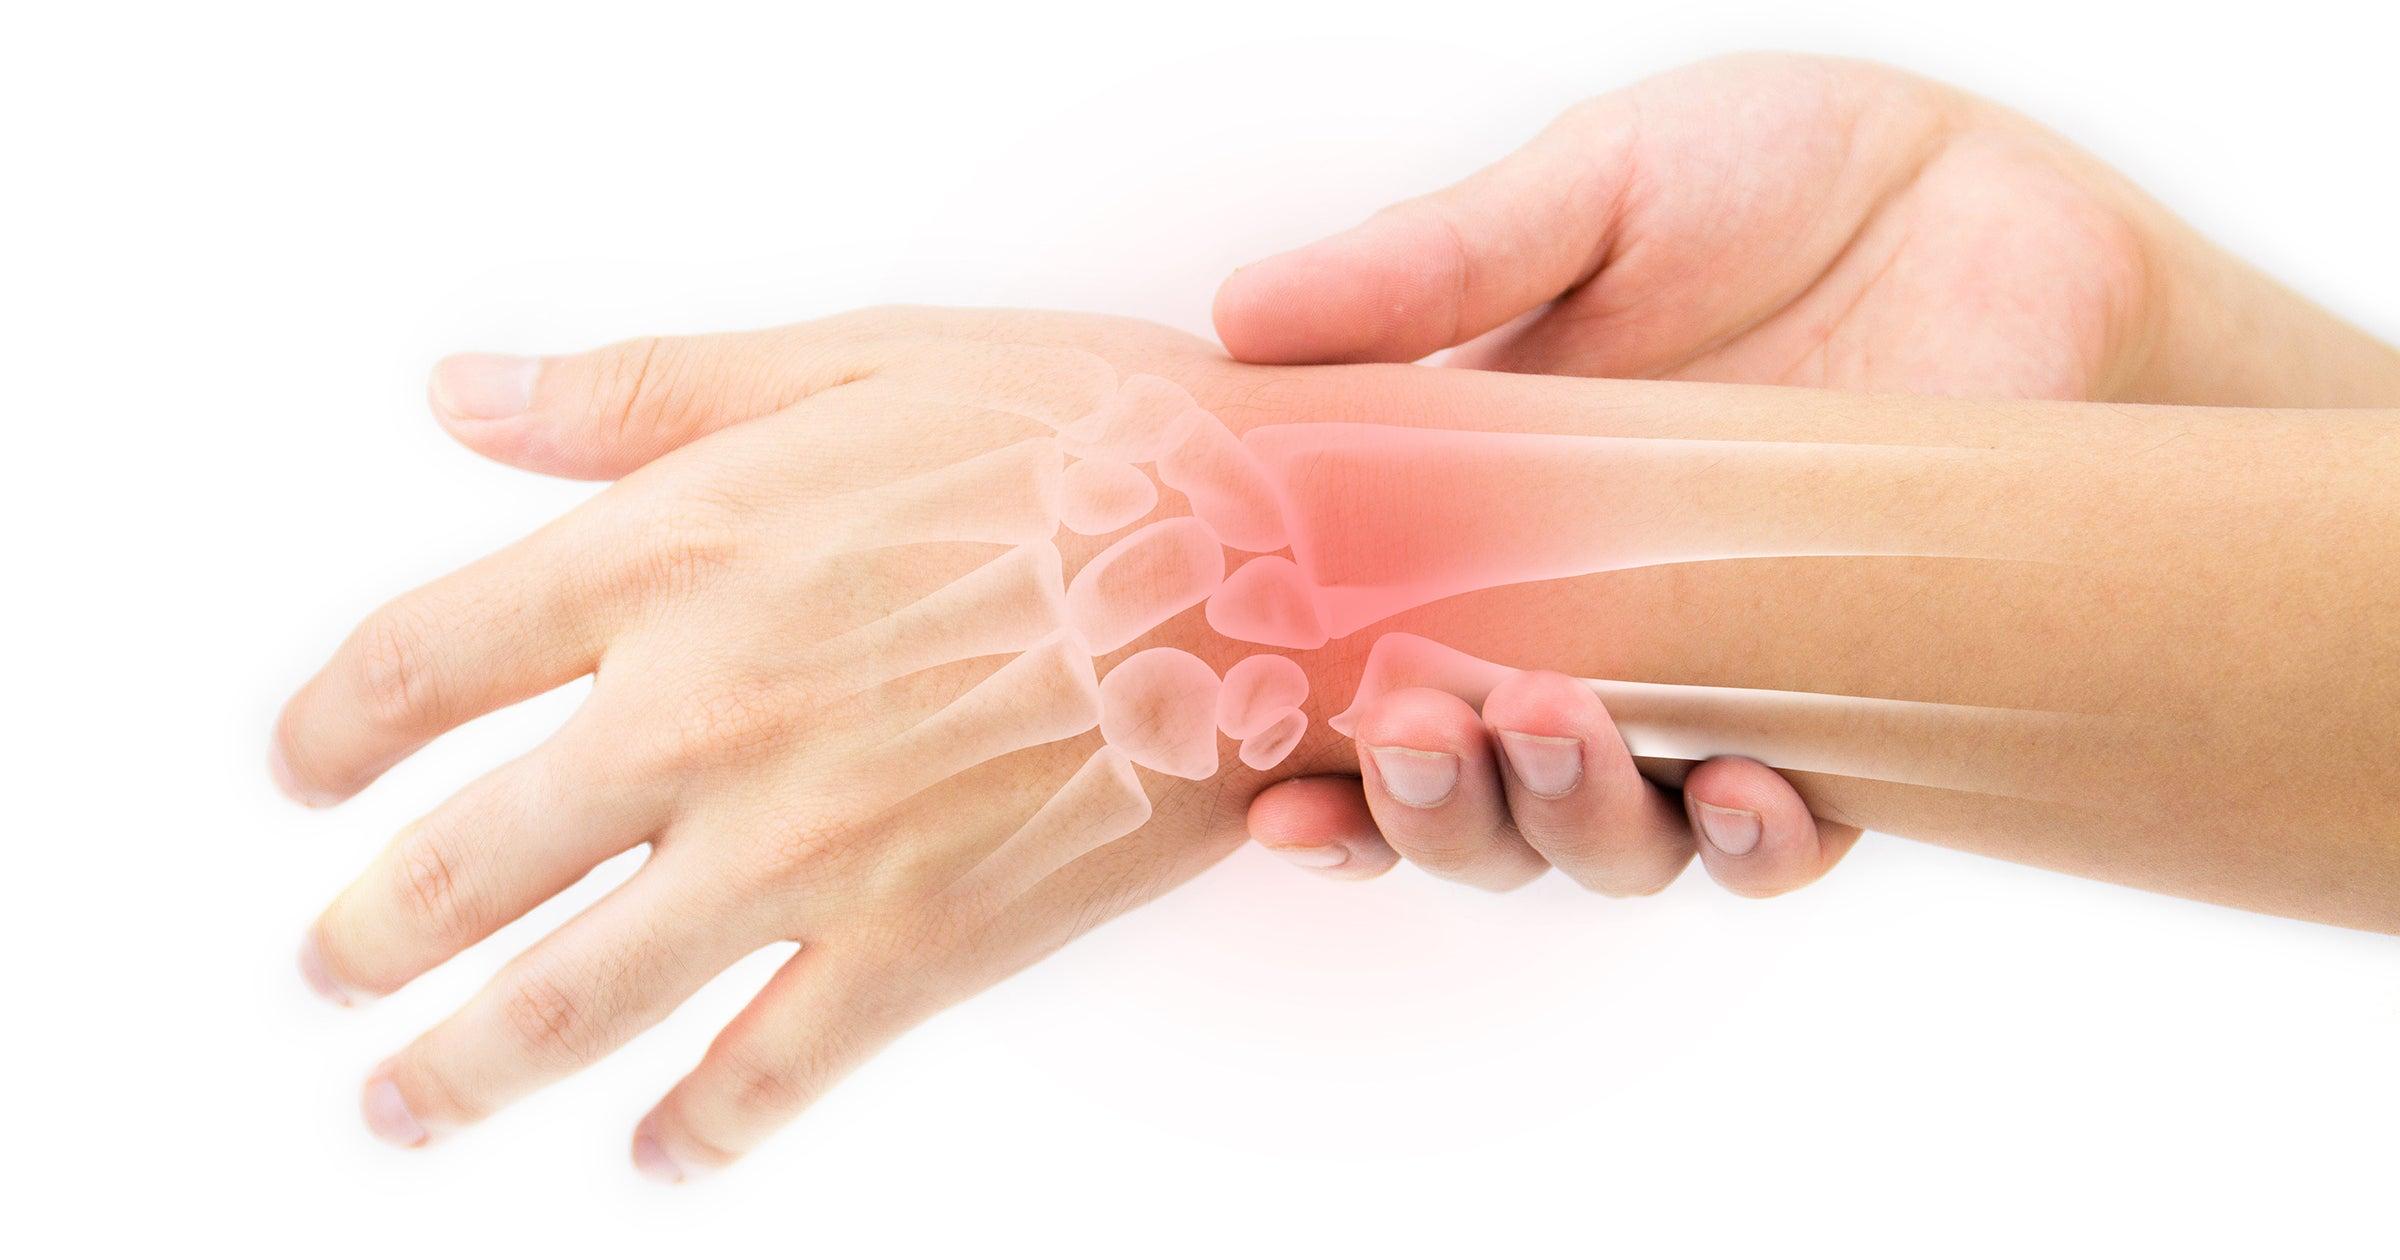 L sions attribuables au travail r p titif syndicat for Douleur interieur du pied